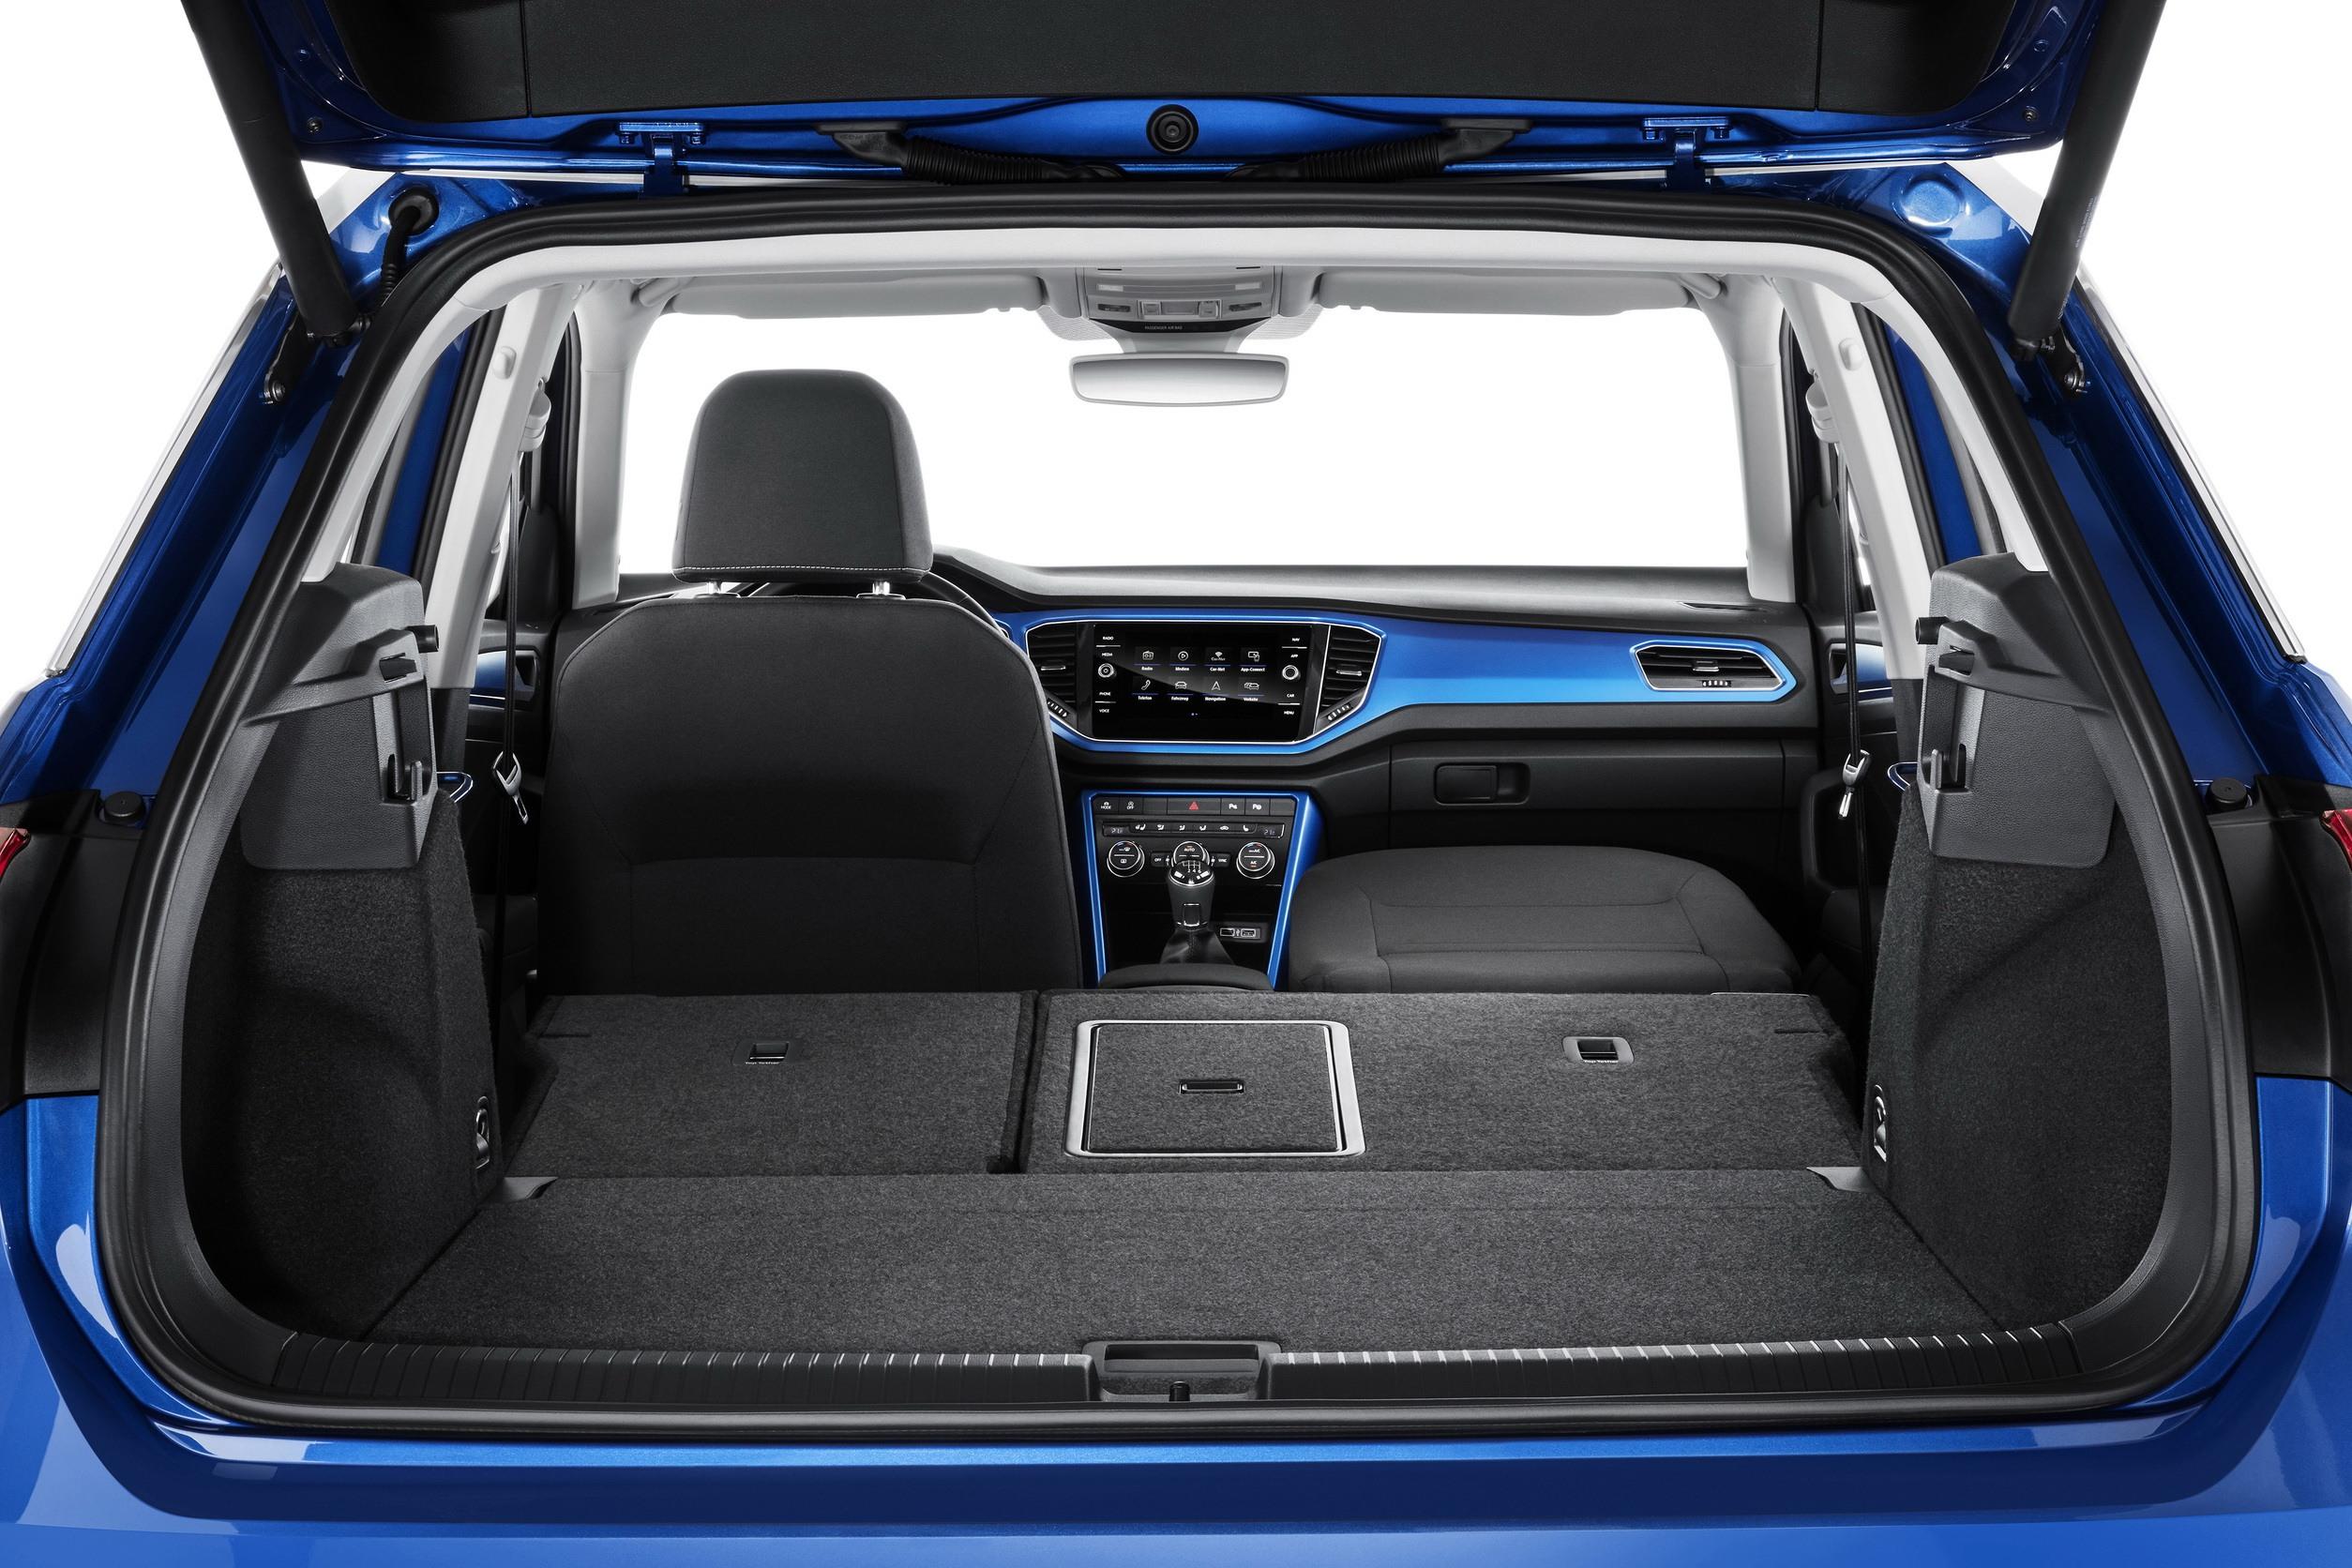 VW T-Roc Interieur Laderaum 2017 QF Copyright Volkswagen - Das ...